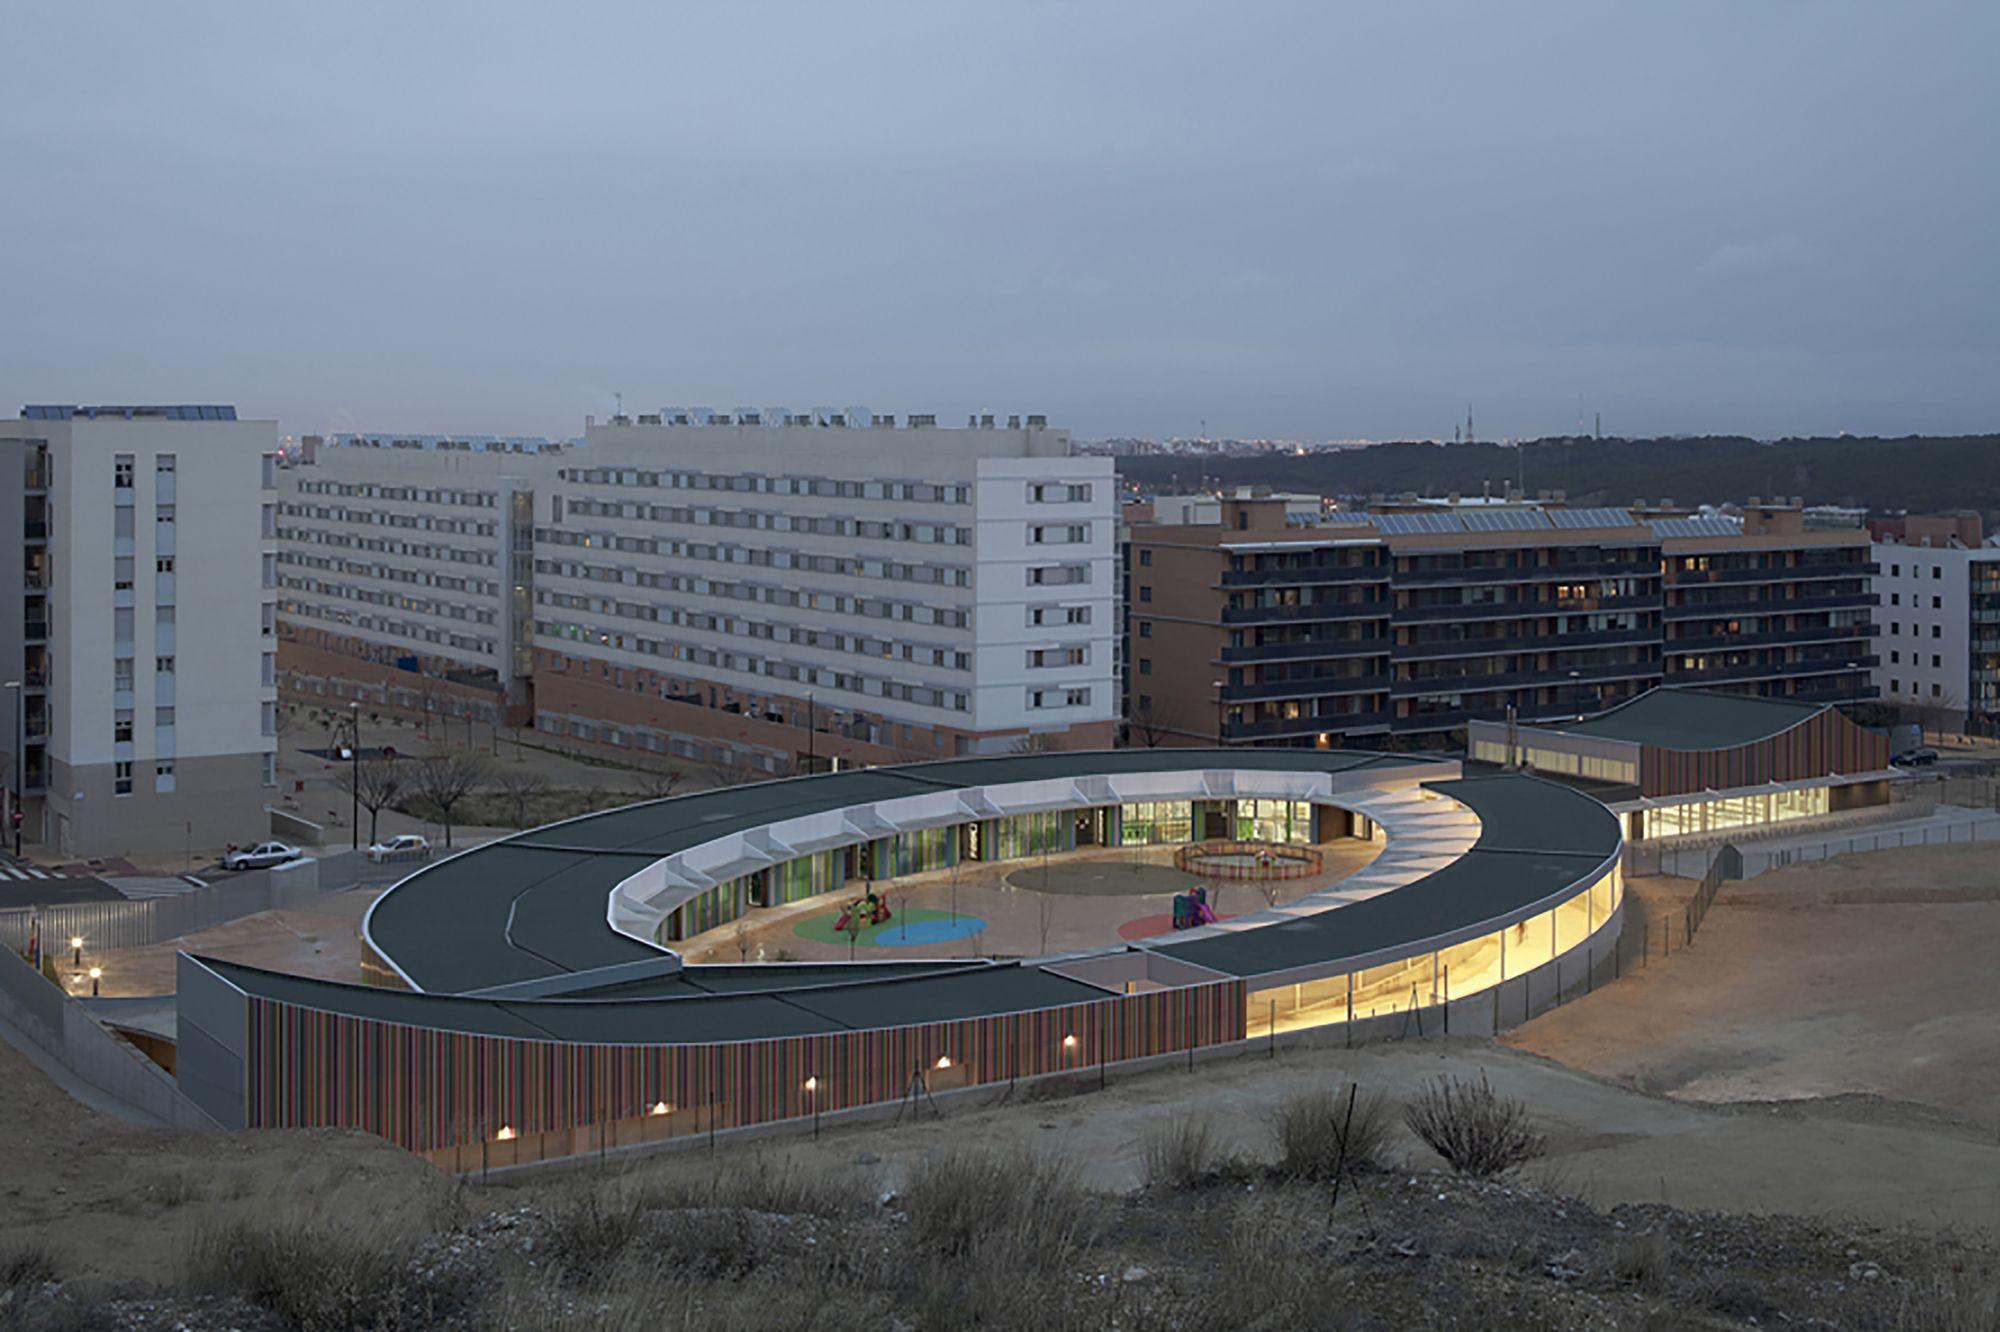 Galer a de centro de educaci n infantil en la ecociudad for Arquitectos de la arquitectura moderna